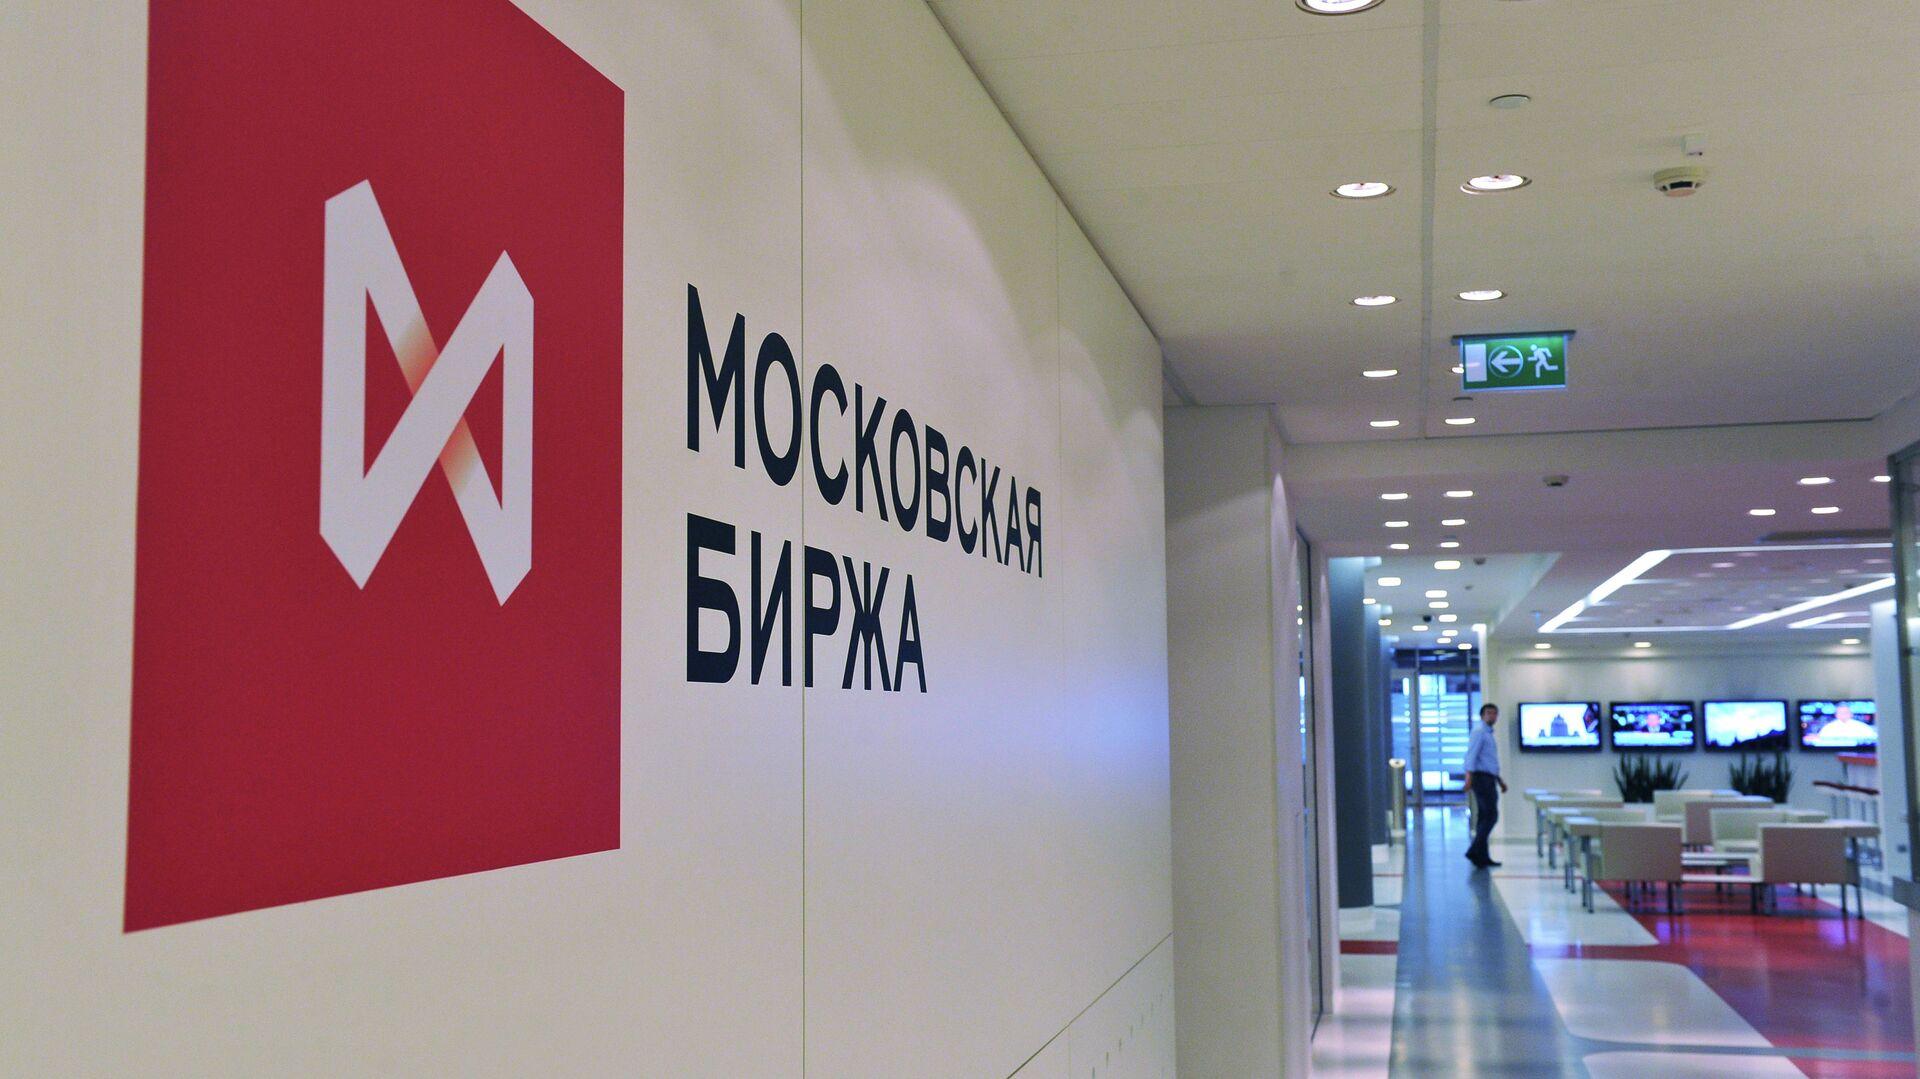 Индекс Мосбиржи впервые в истории превысил 3700 пунктов